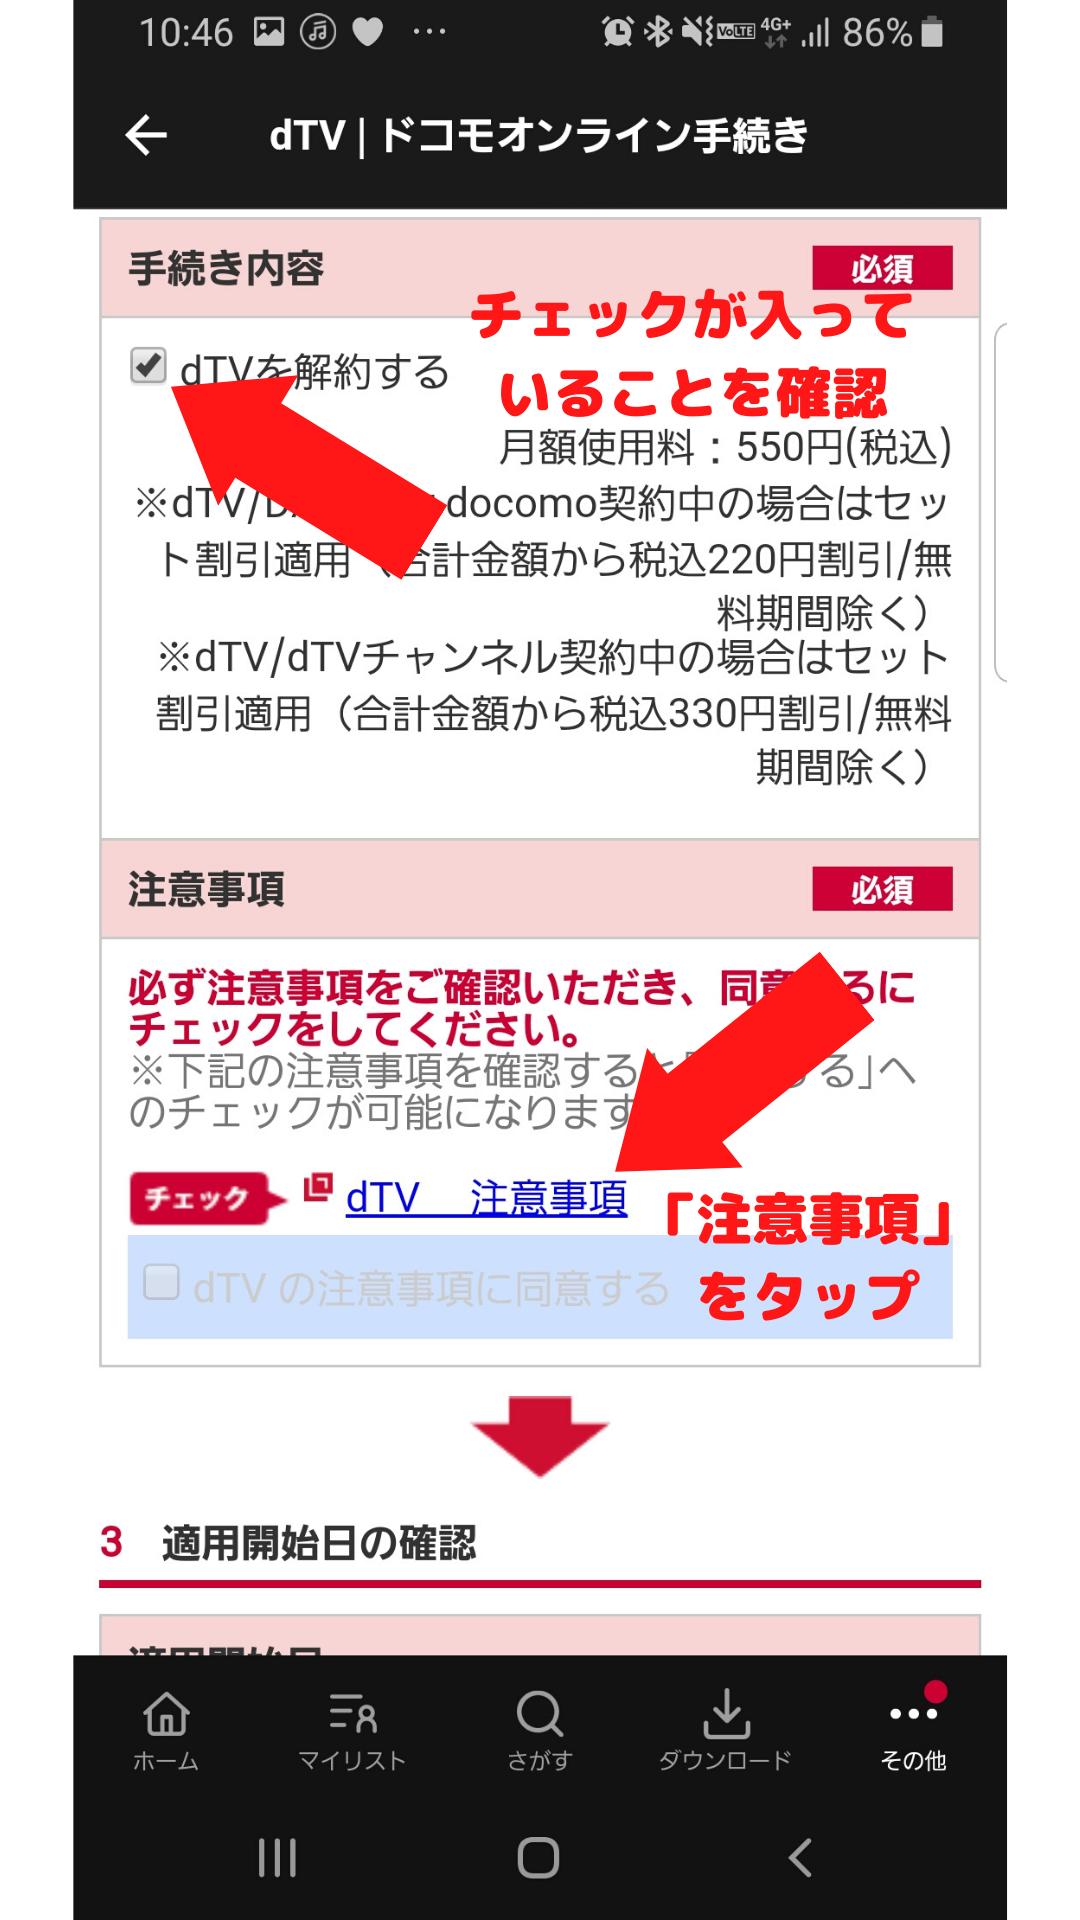 dTVを解約するにチェックが入っていることを確認し、dTVの注意事項をタップ